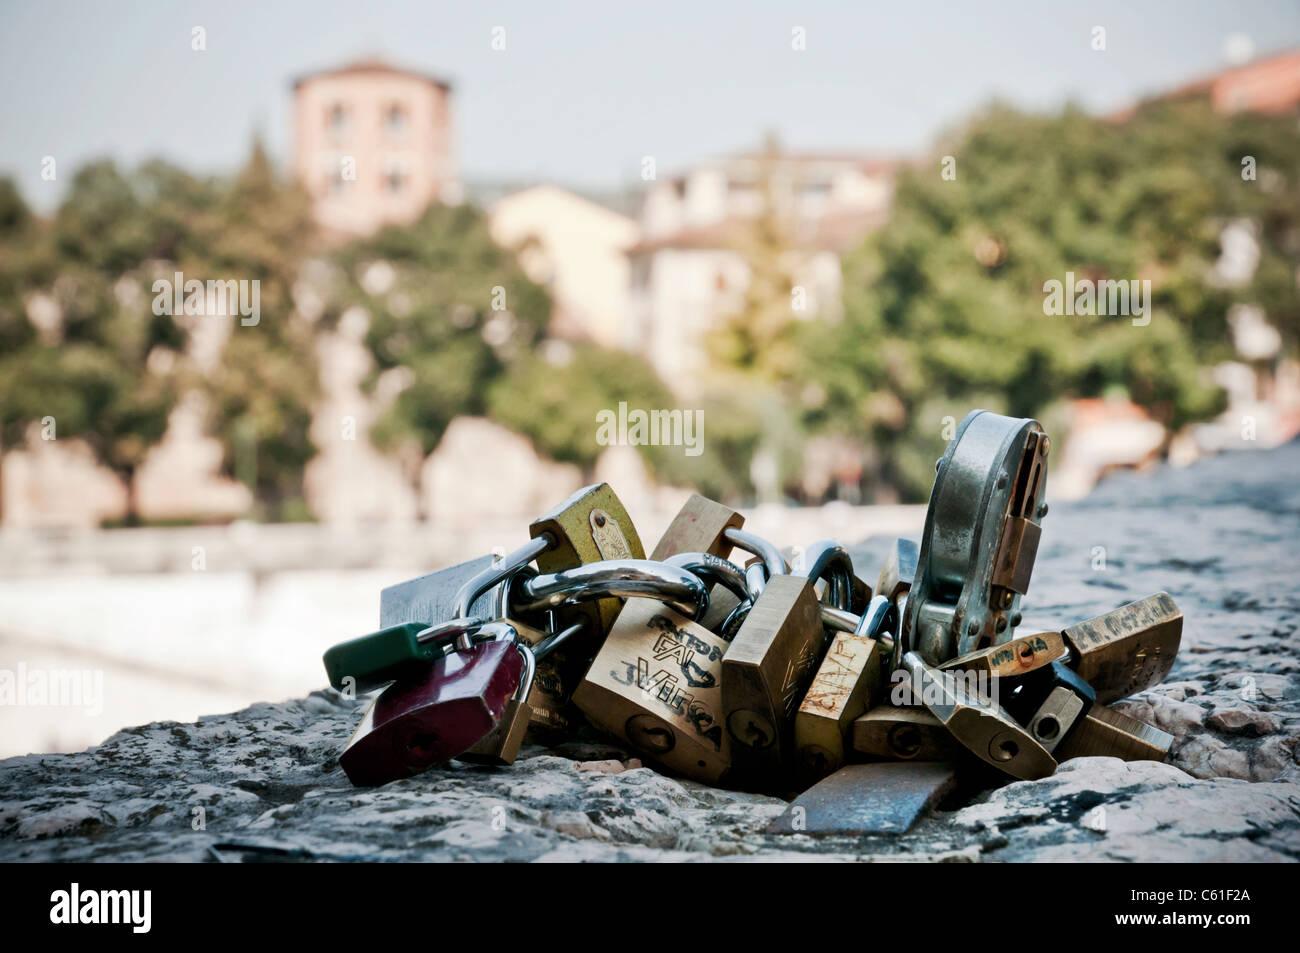 Cadenas d'amour lié au pont de pierre de Vérone, Italie Photo Stock